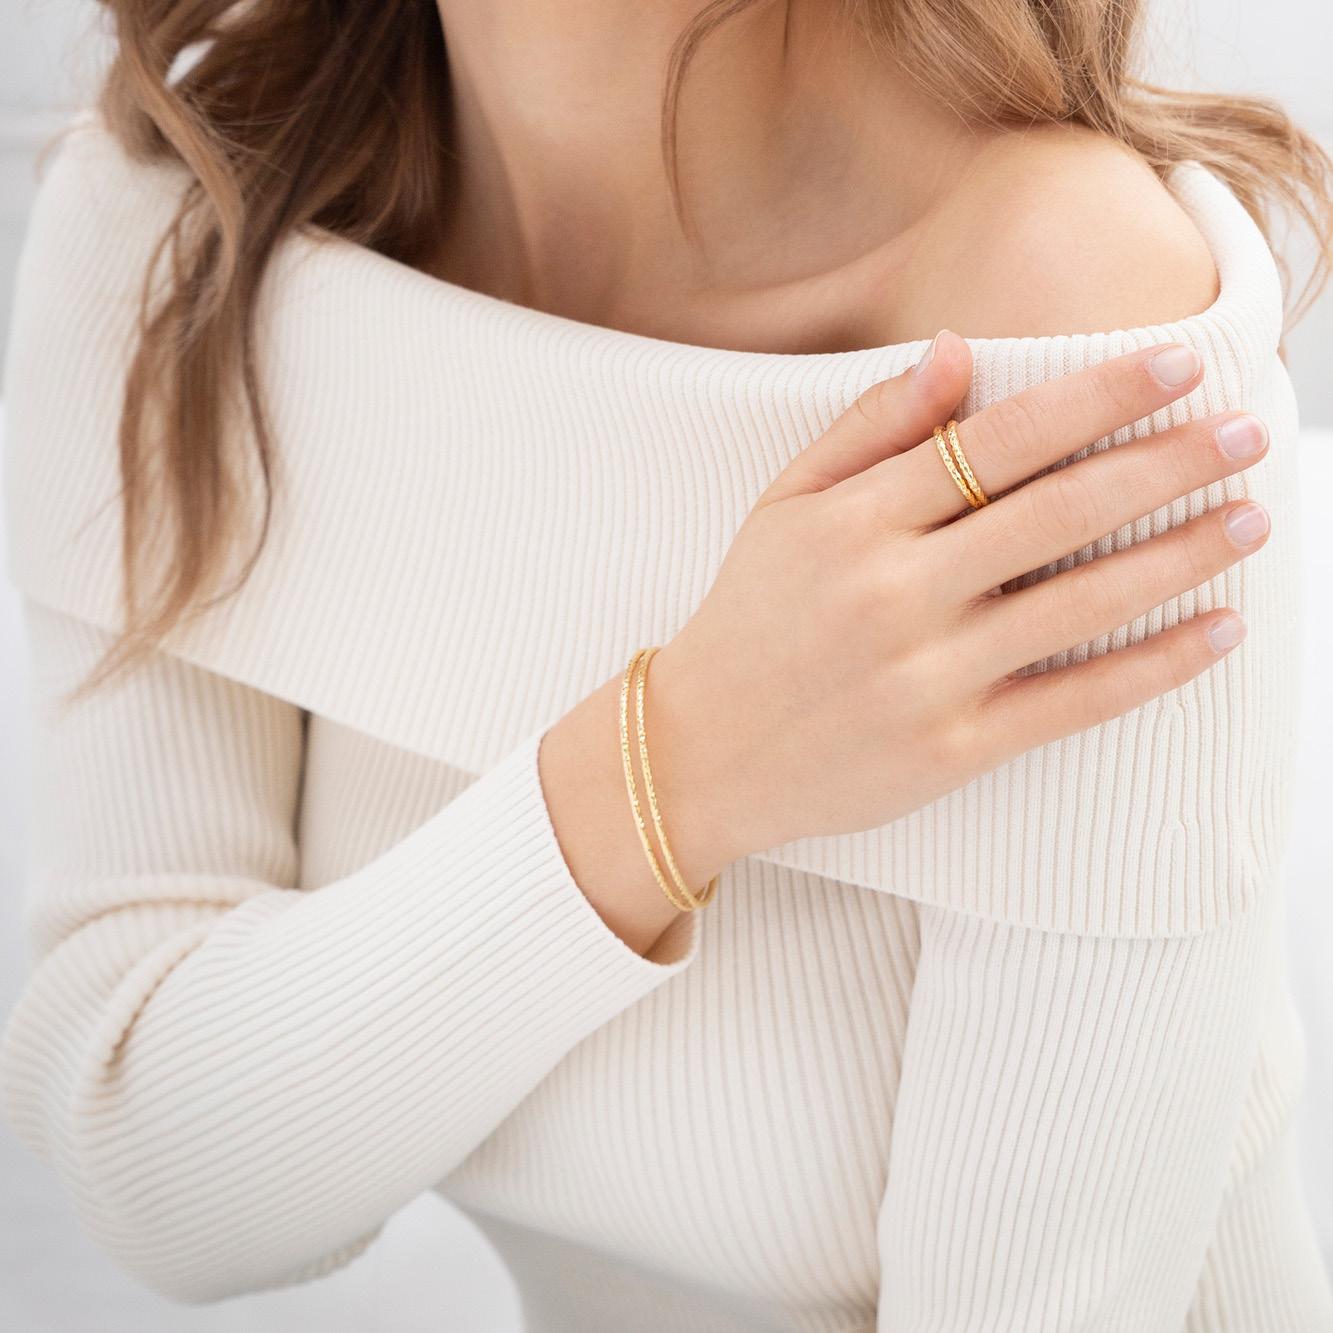 Damen Armreif Silber 925 Vergoldet